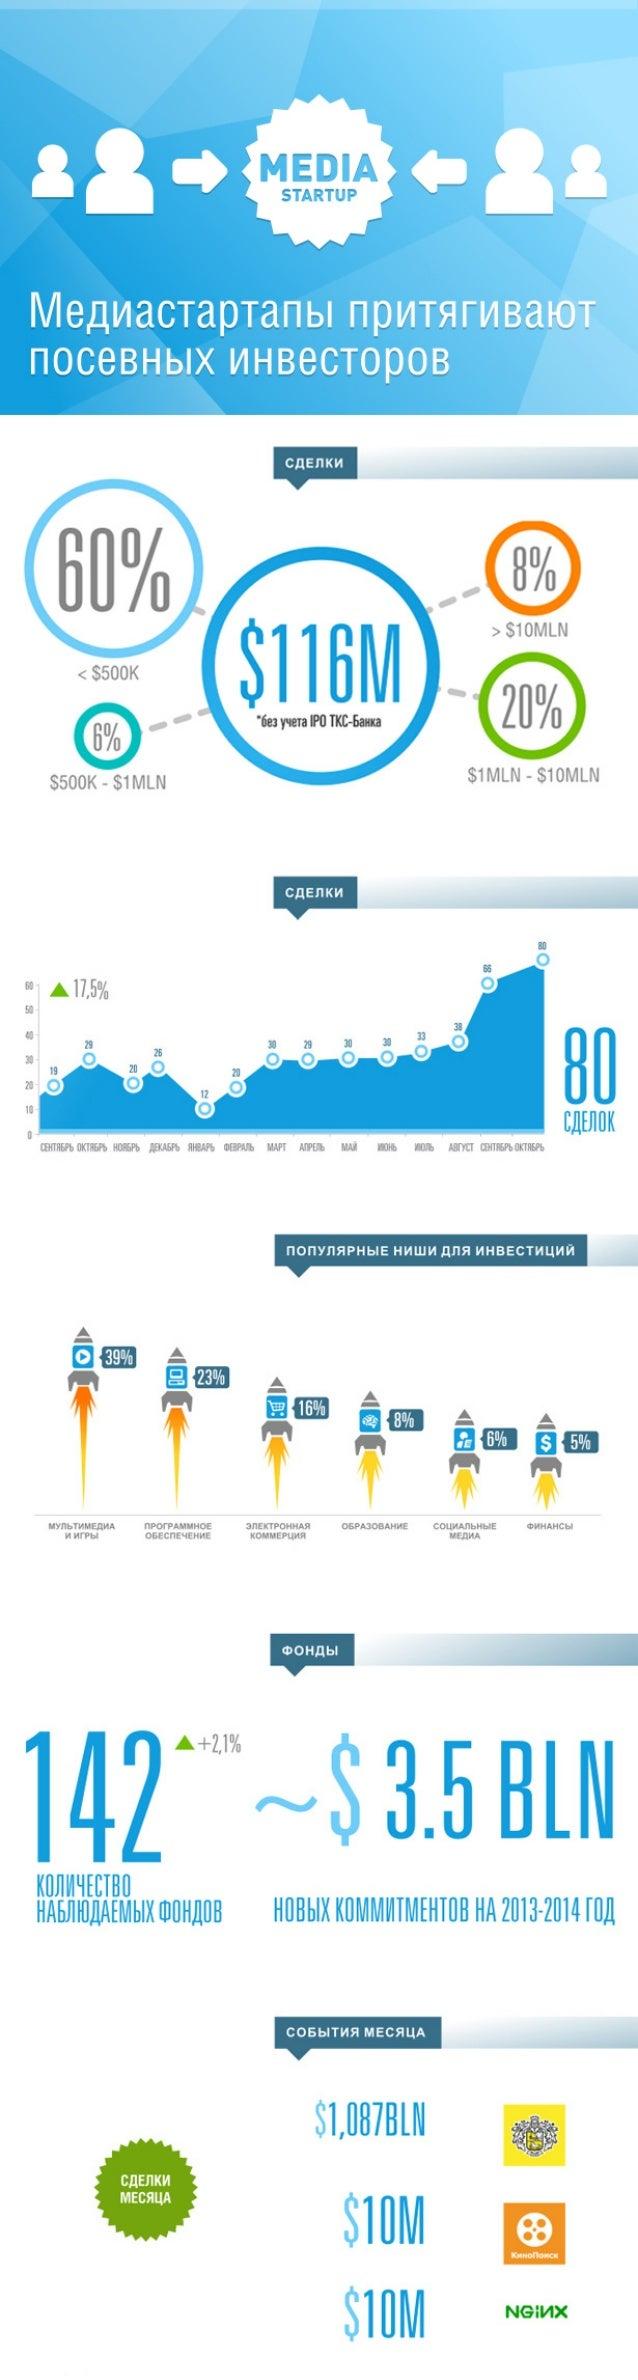 Аналитика за Октябрь 2013